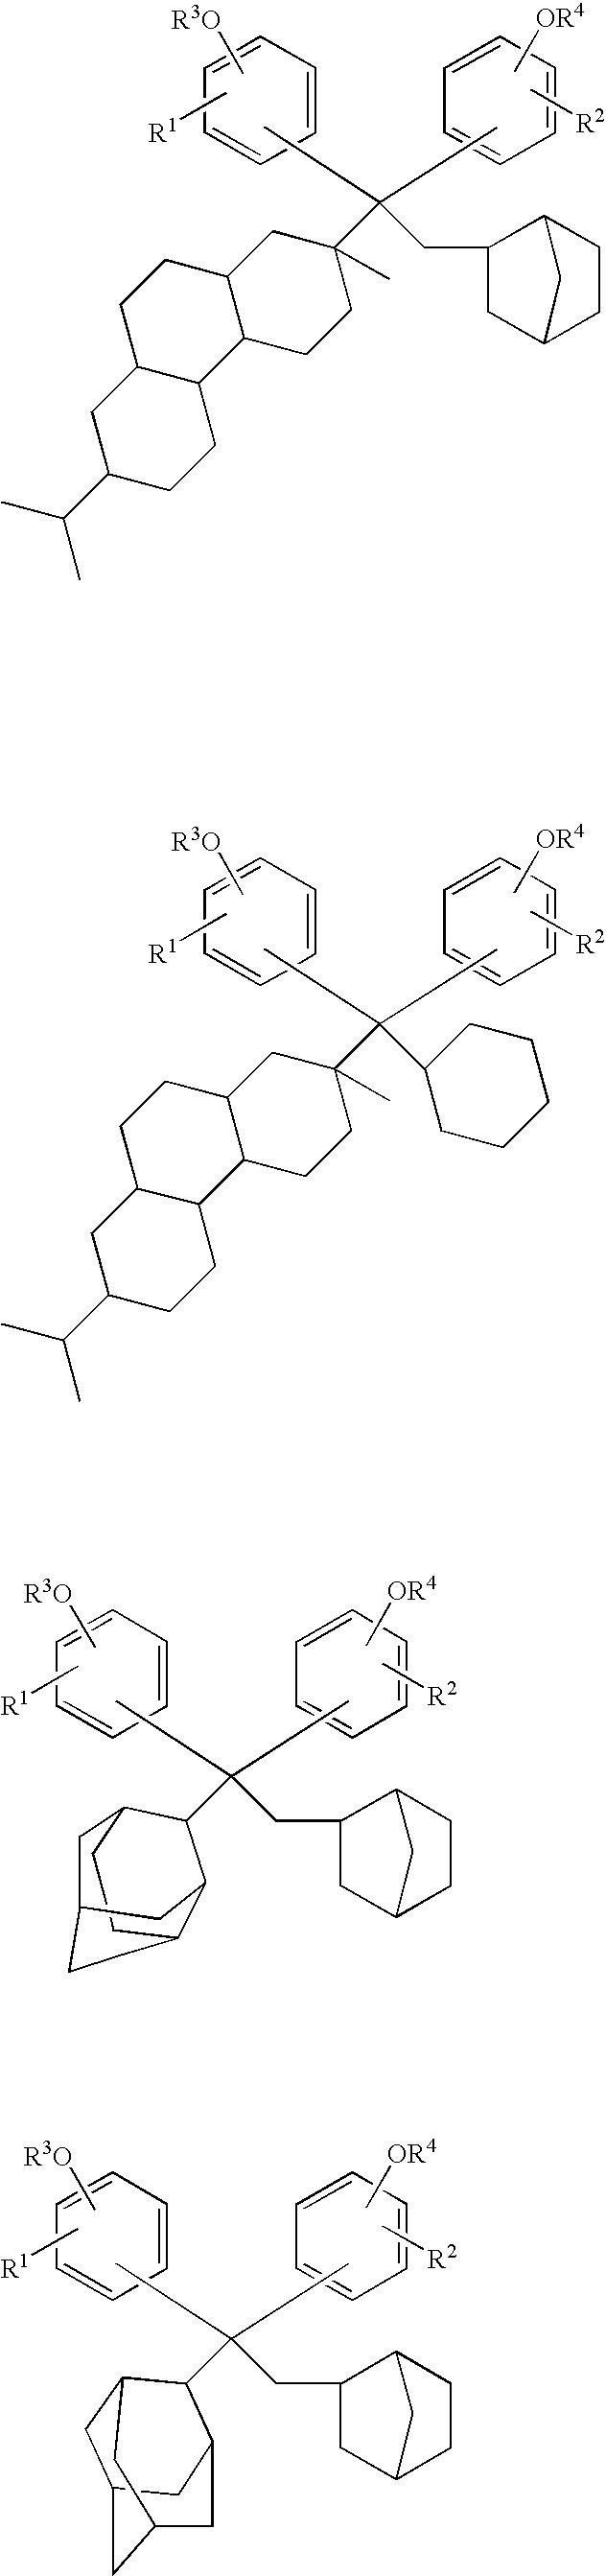 Figure US20070275325A1-20071129-C00015